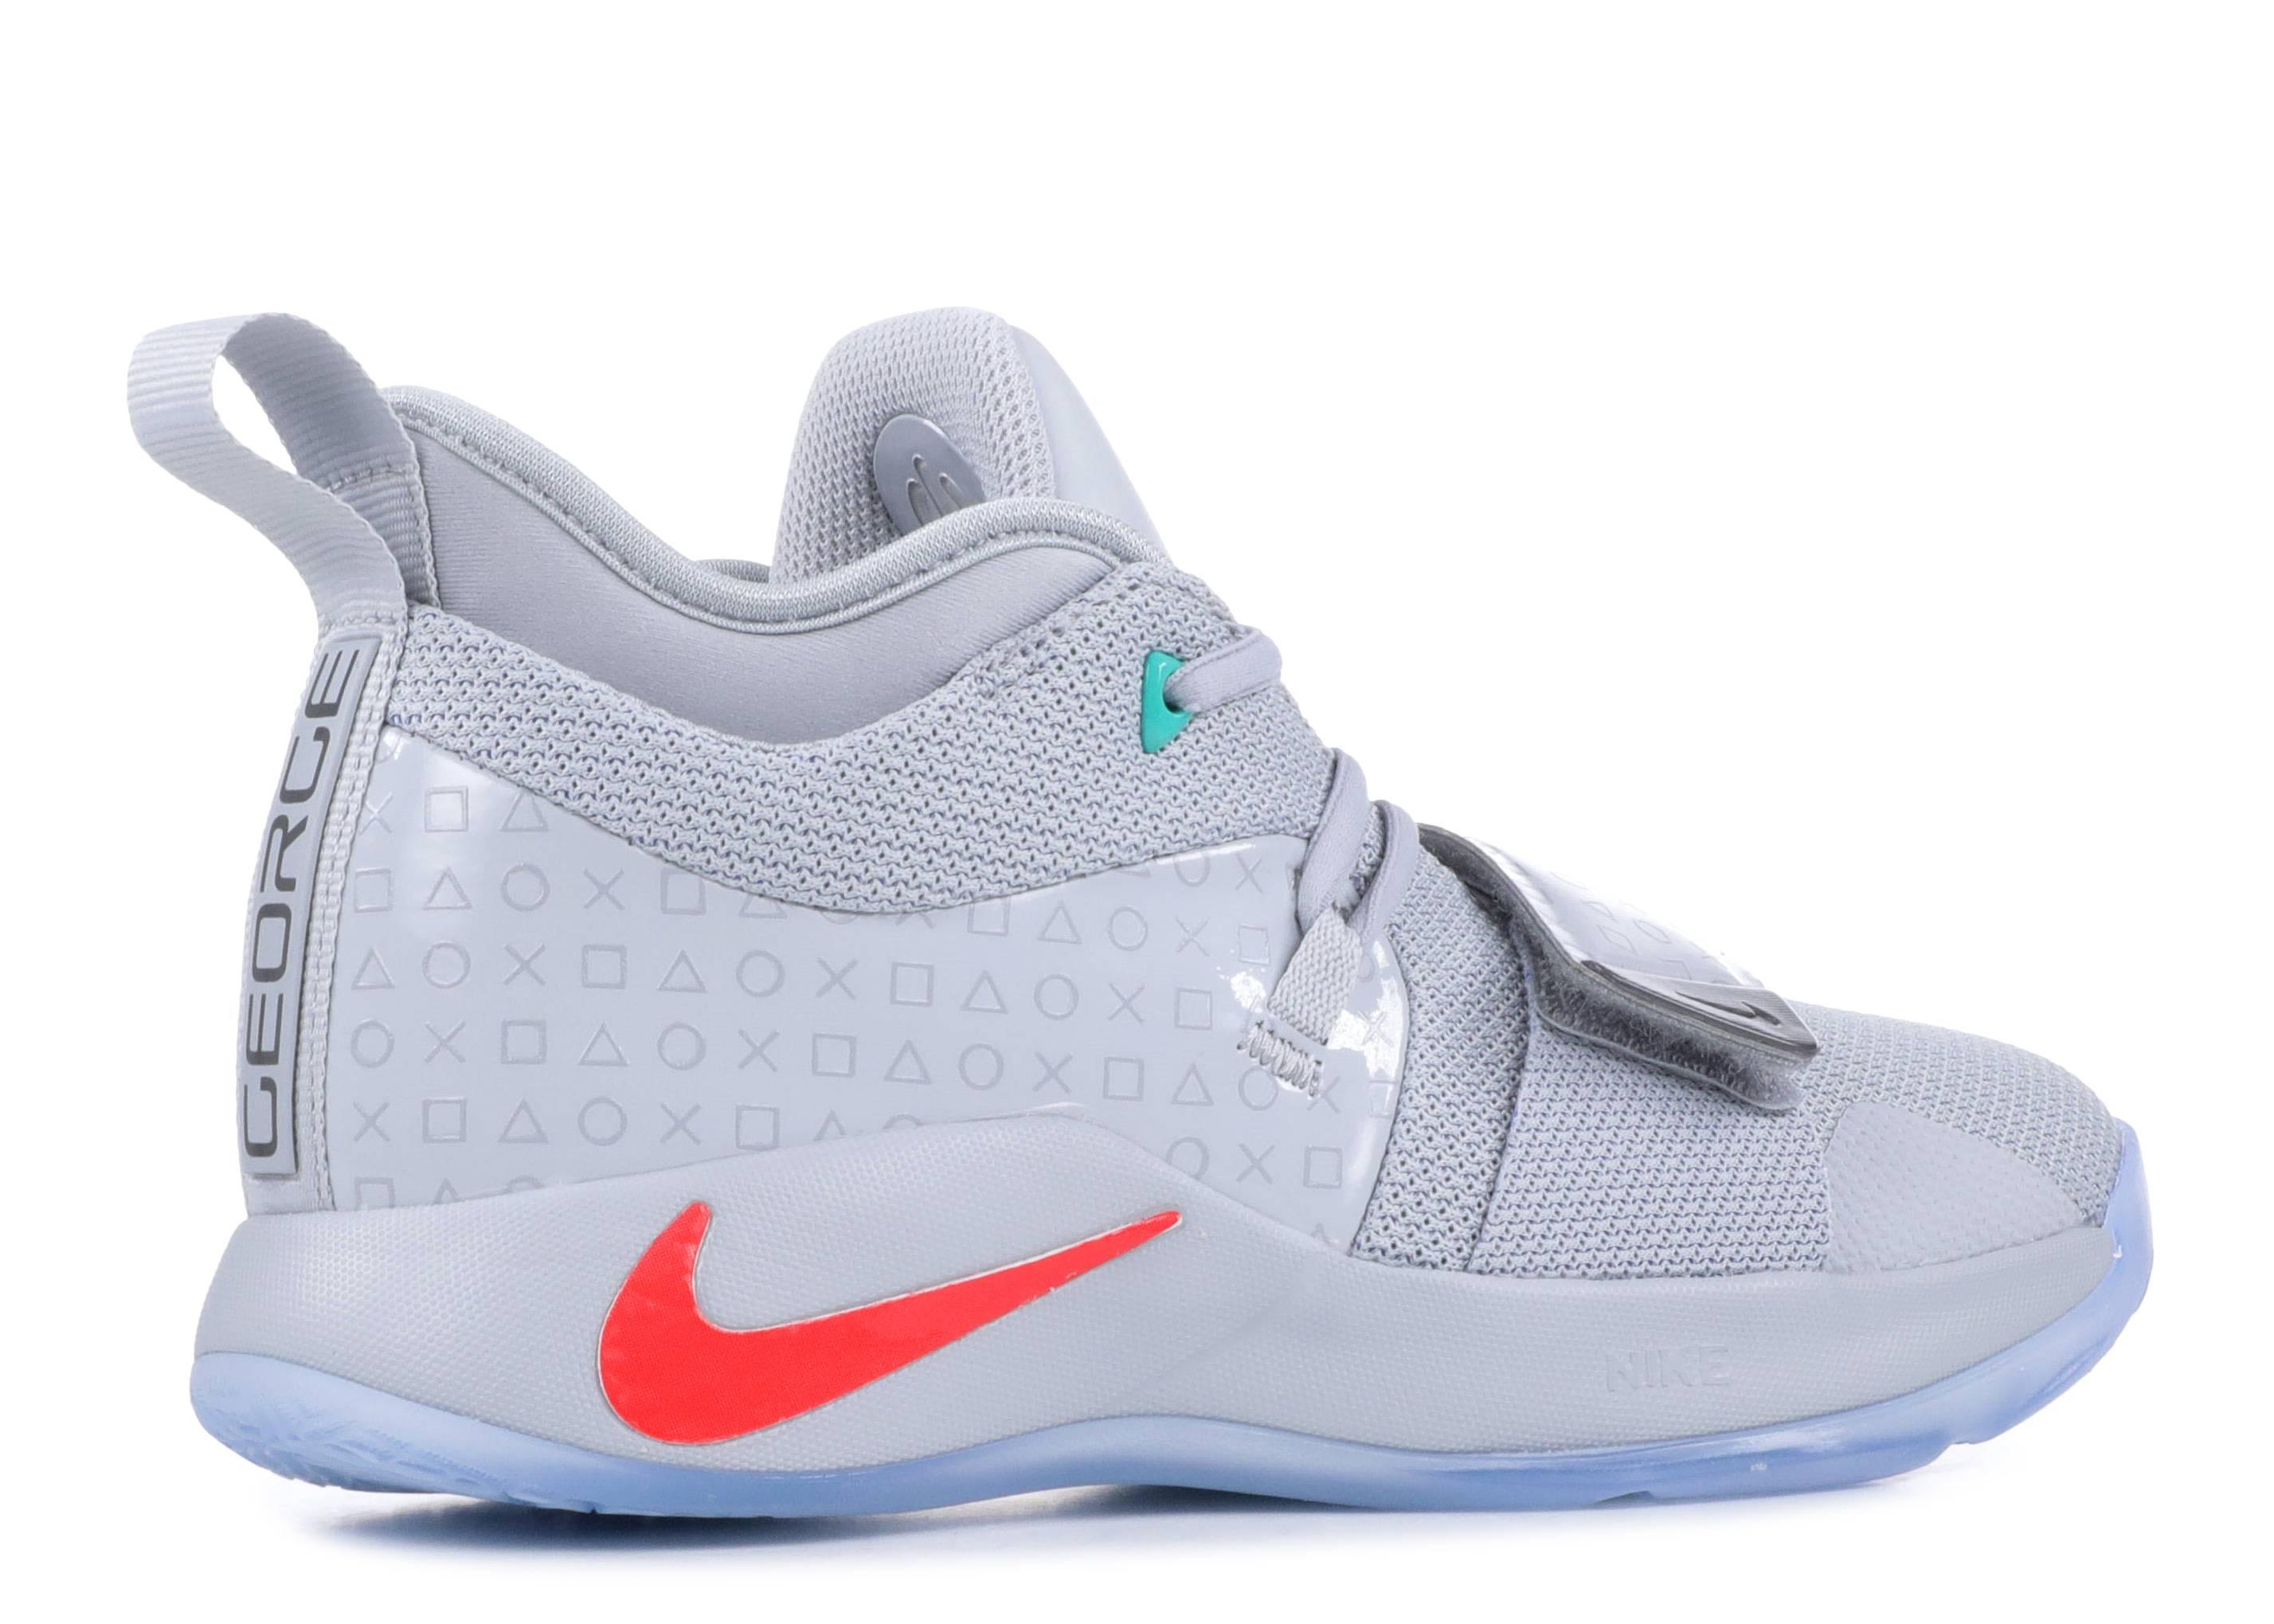 GS Nike PG 2.5 Playstation US 4.5Y BQ9677 001